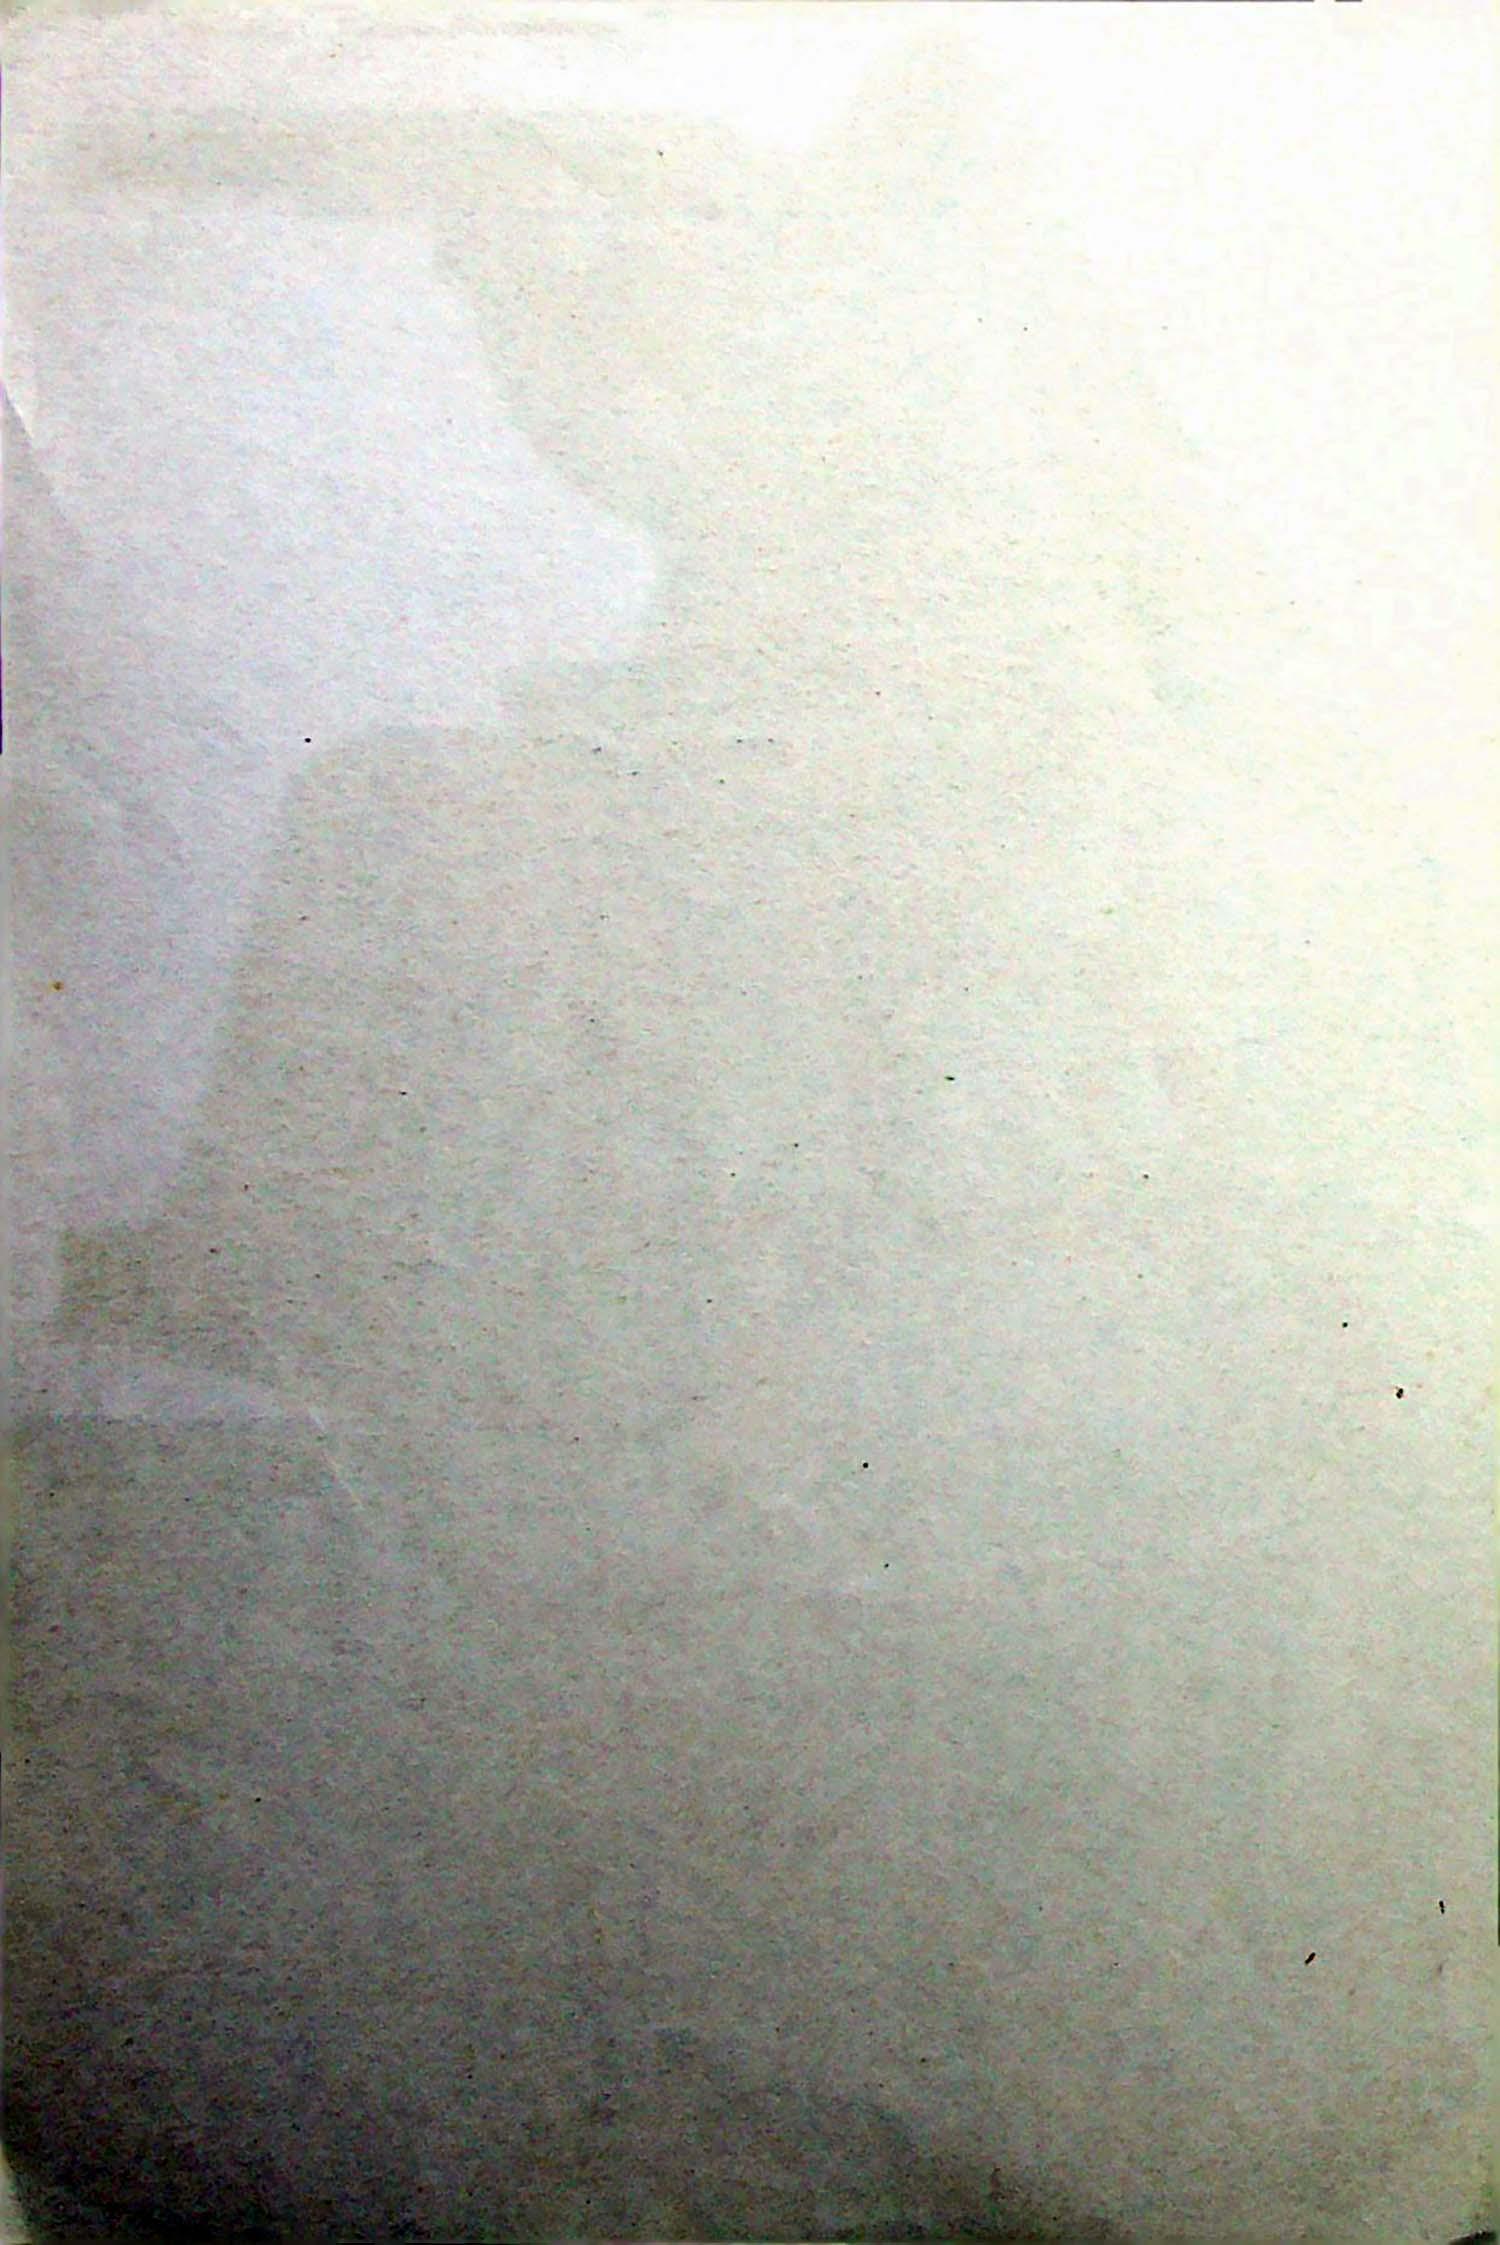 PROGRAMA DE MANO. EL JARDÍN DE LAS DELICIAS. José Luis López Vázquez